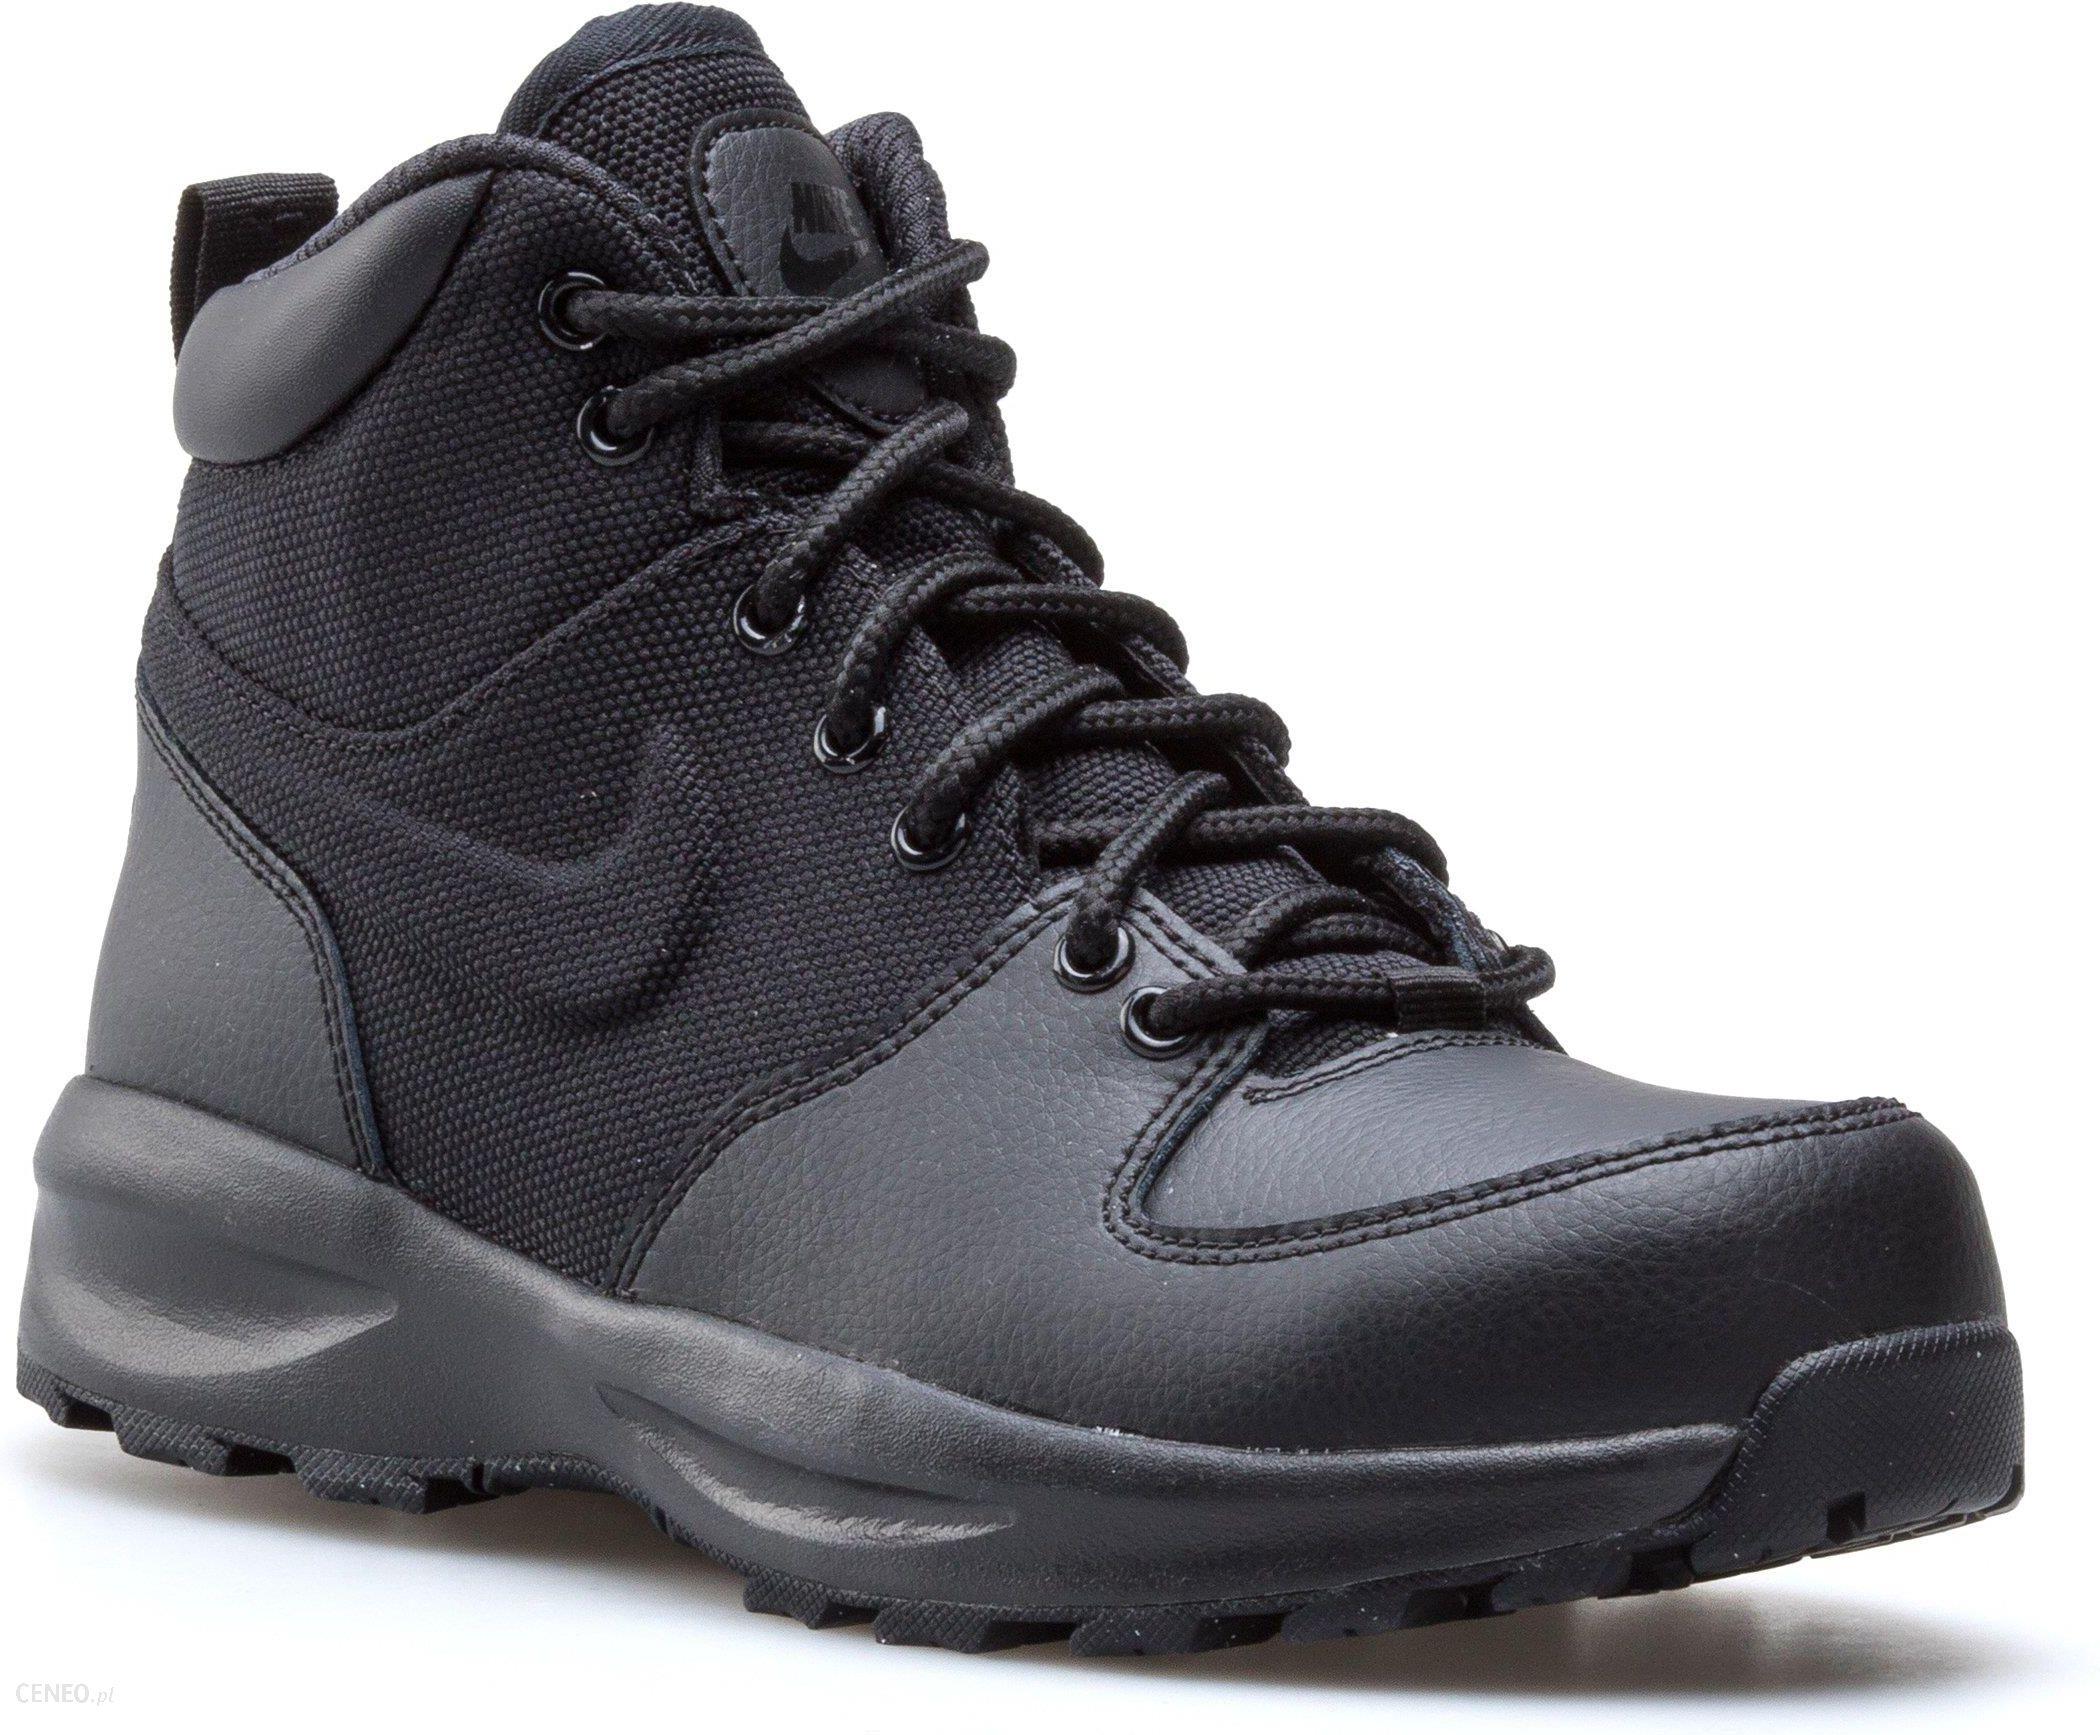 Buty Damskie Zimowe Nike Manoa GS AJ1280 700 38,5 Ceny i opinie Ceneo.pl